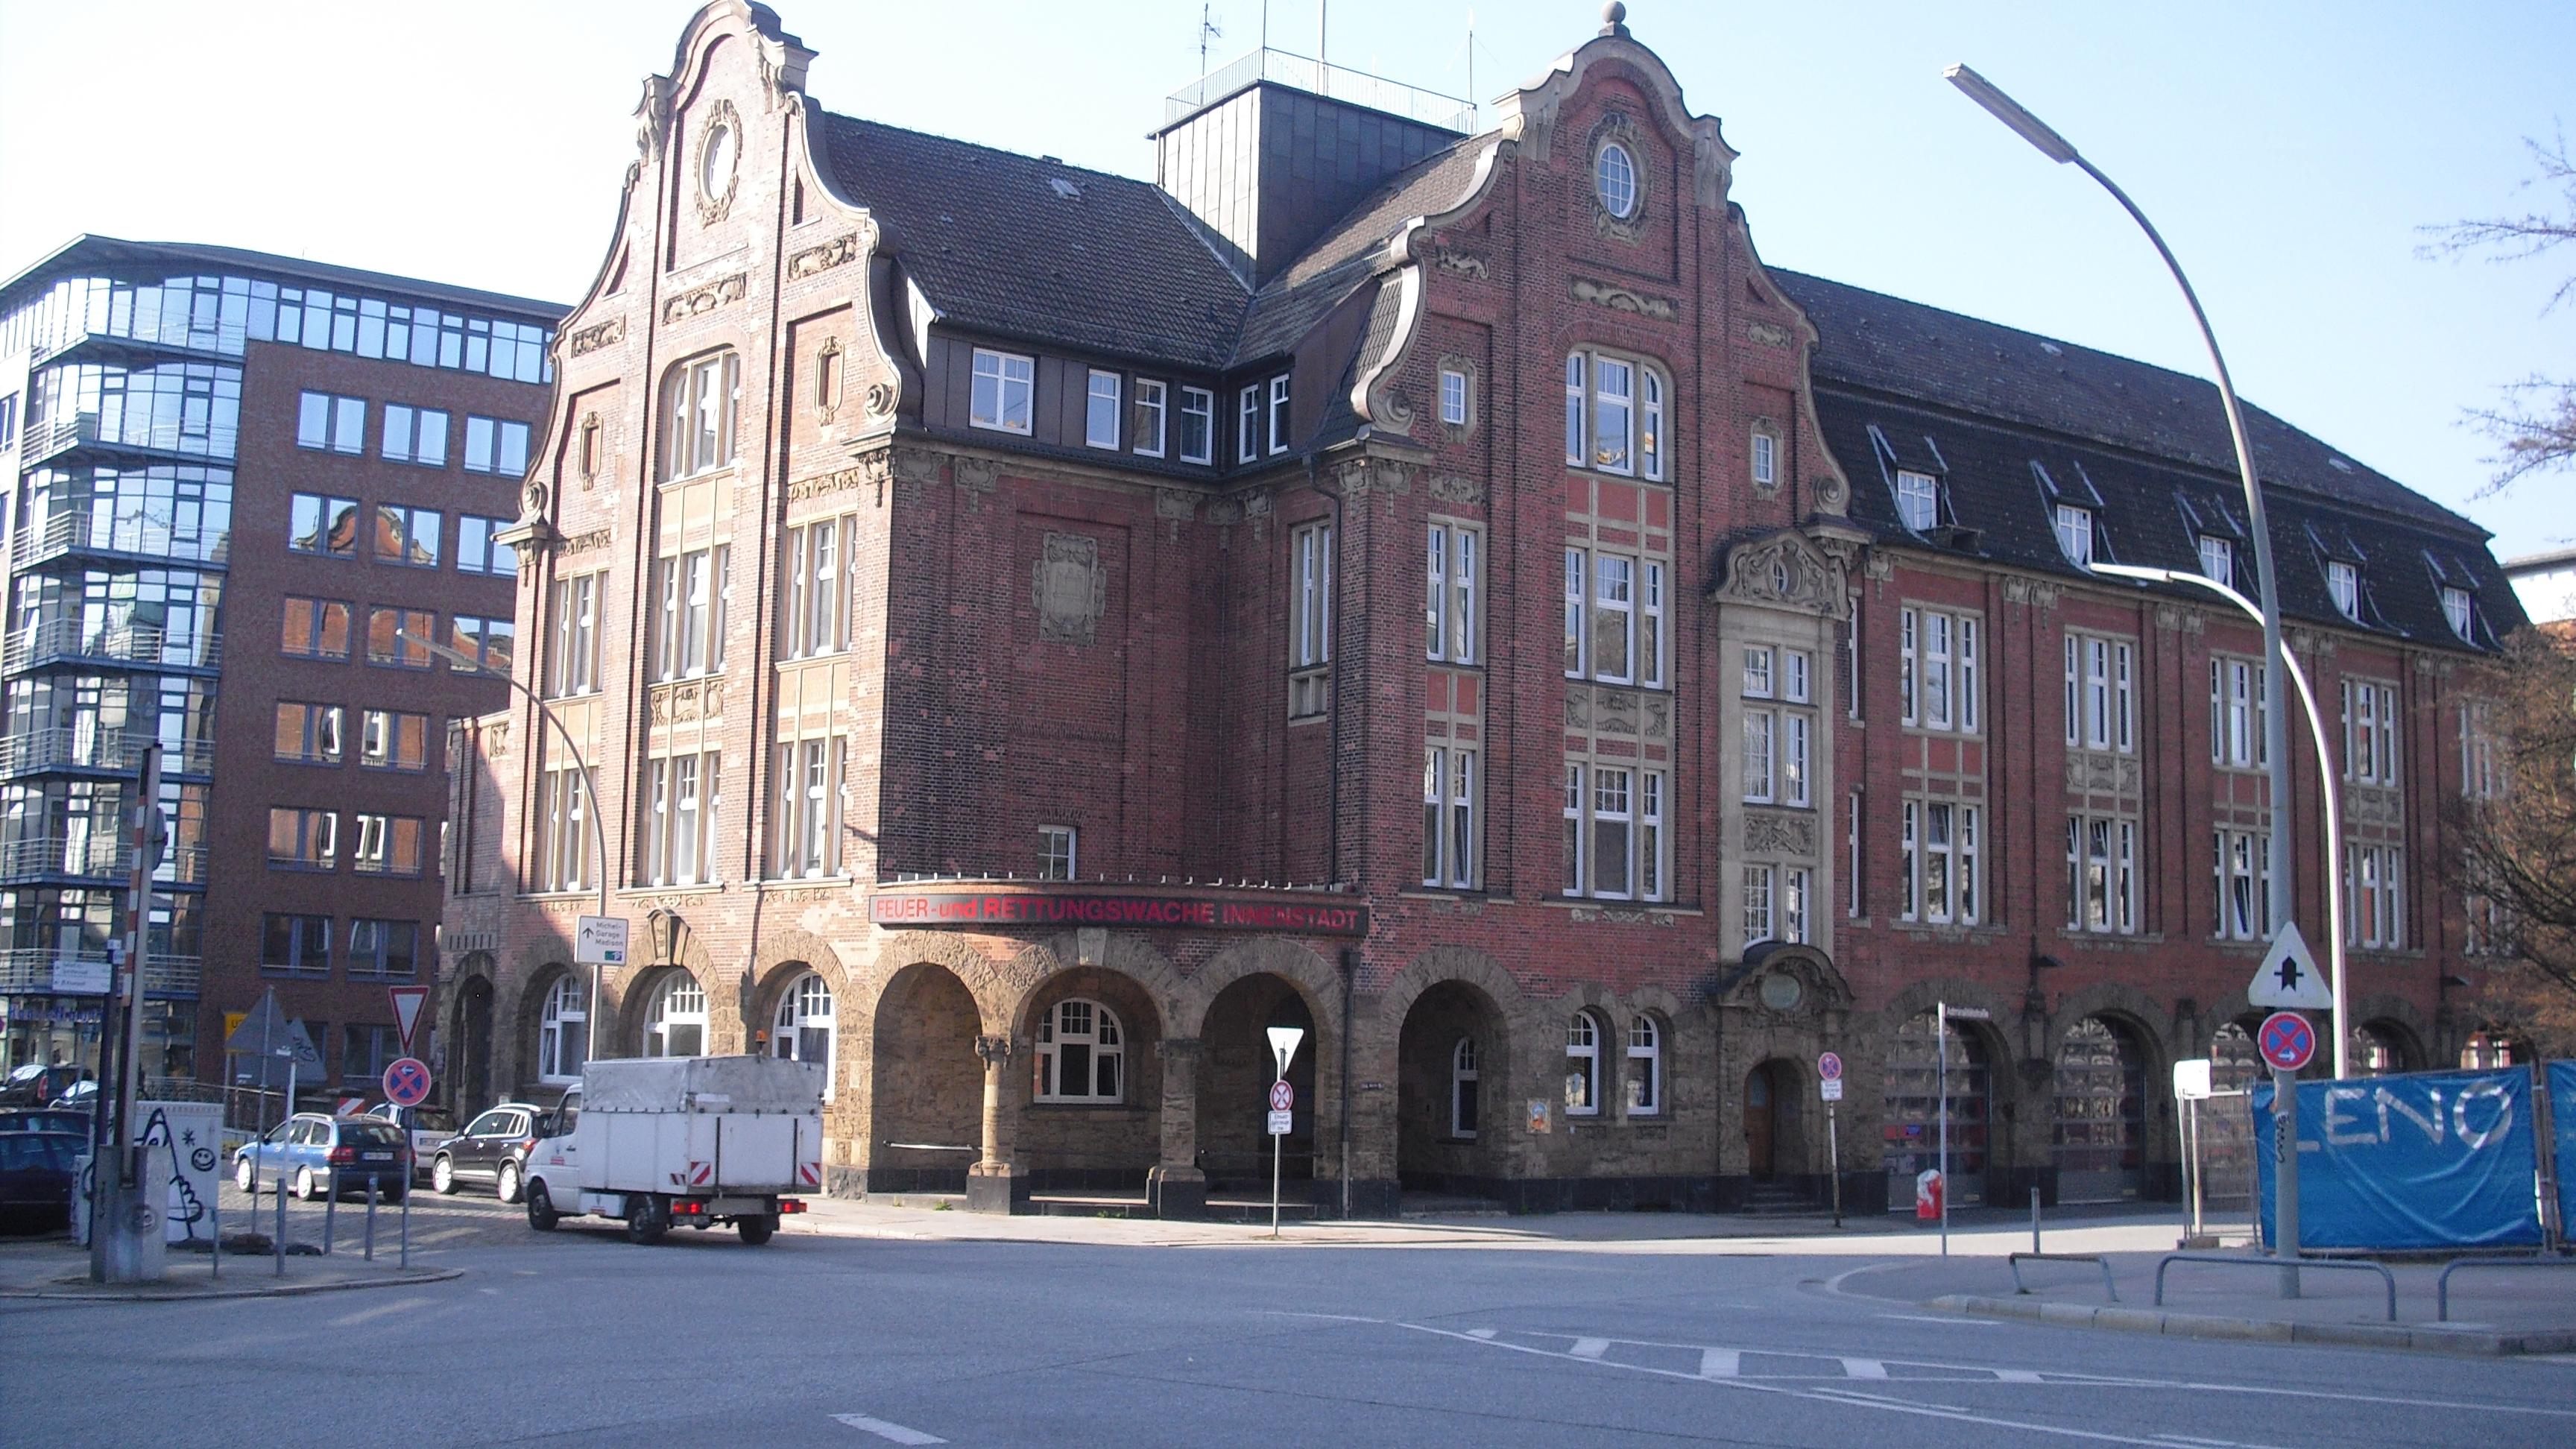 Innenstadt (F11) in Admiralitätstr. 54 20459 Hamburg-Neustadt